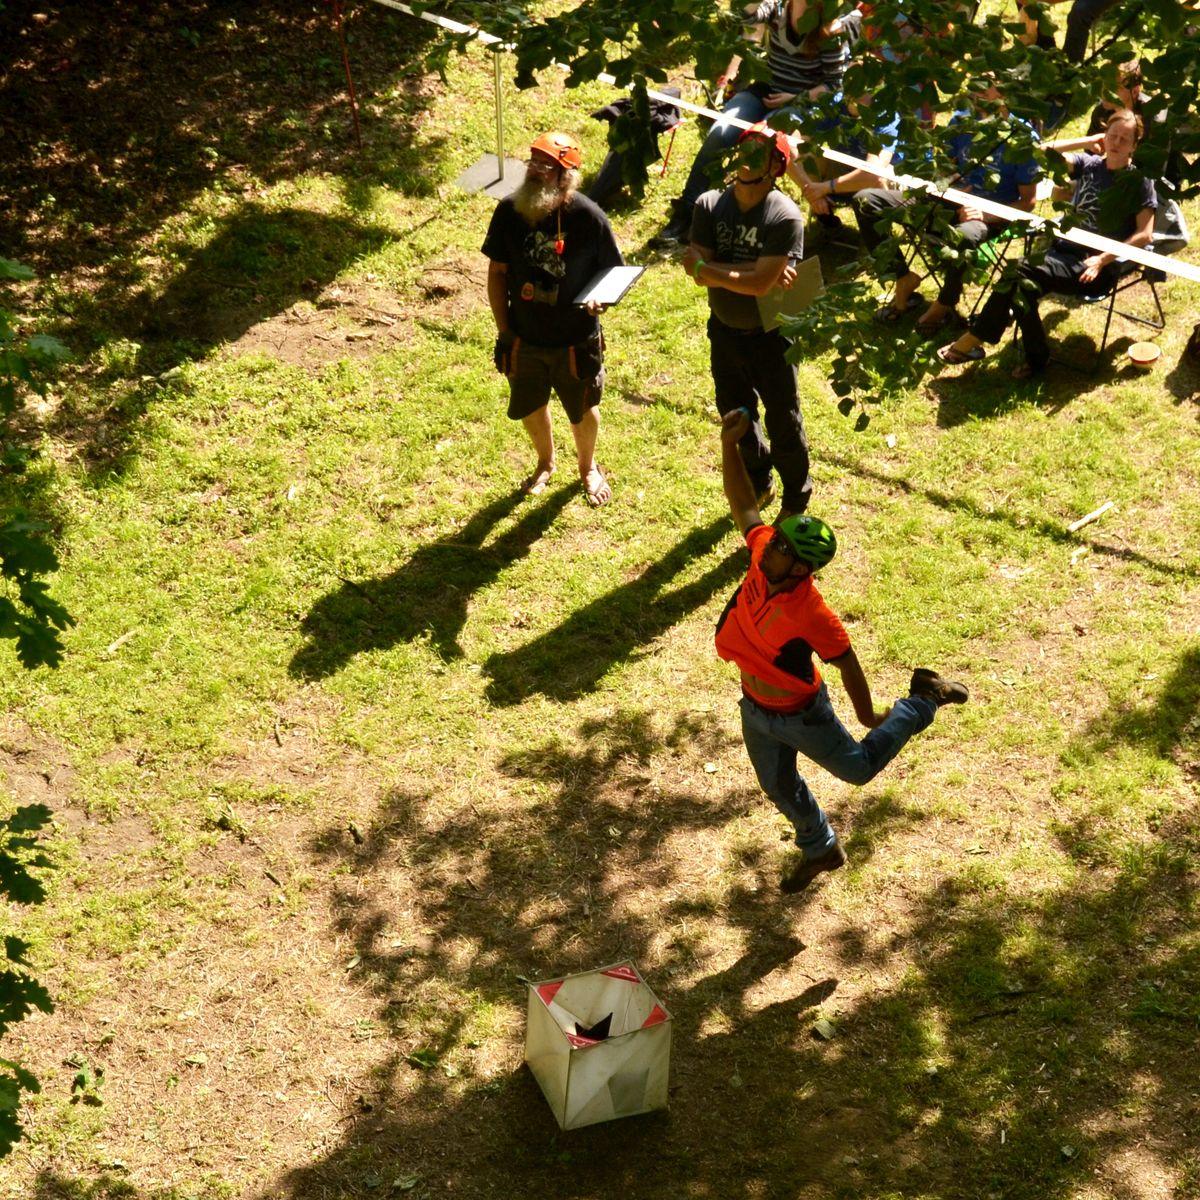 Baumkletter-Meisterschaften: Master's Challenge